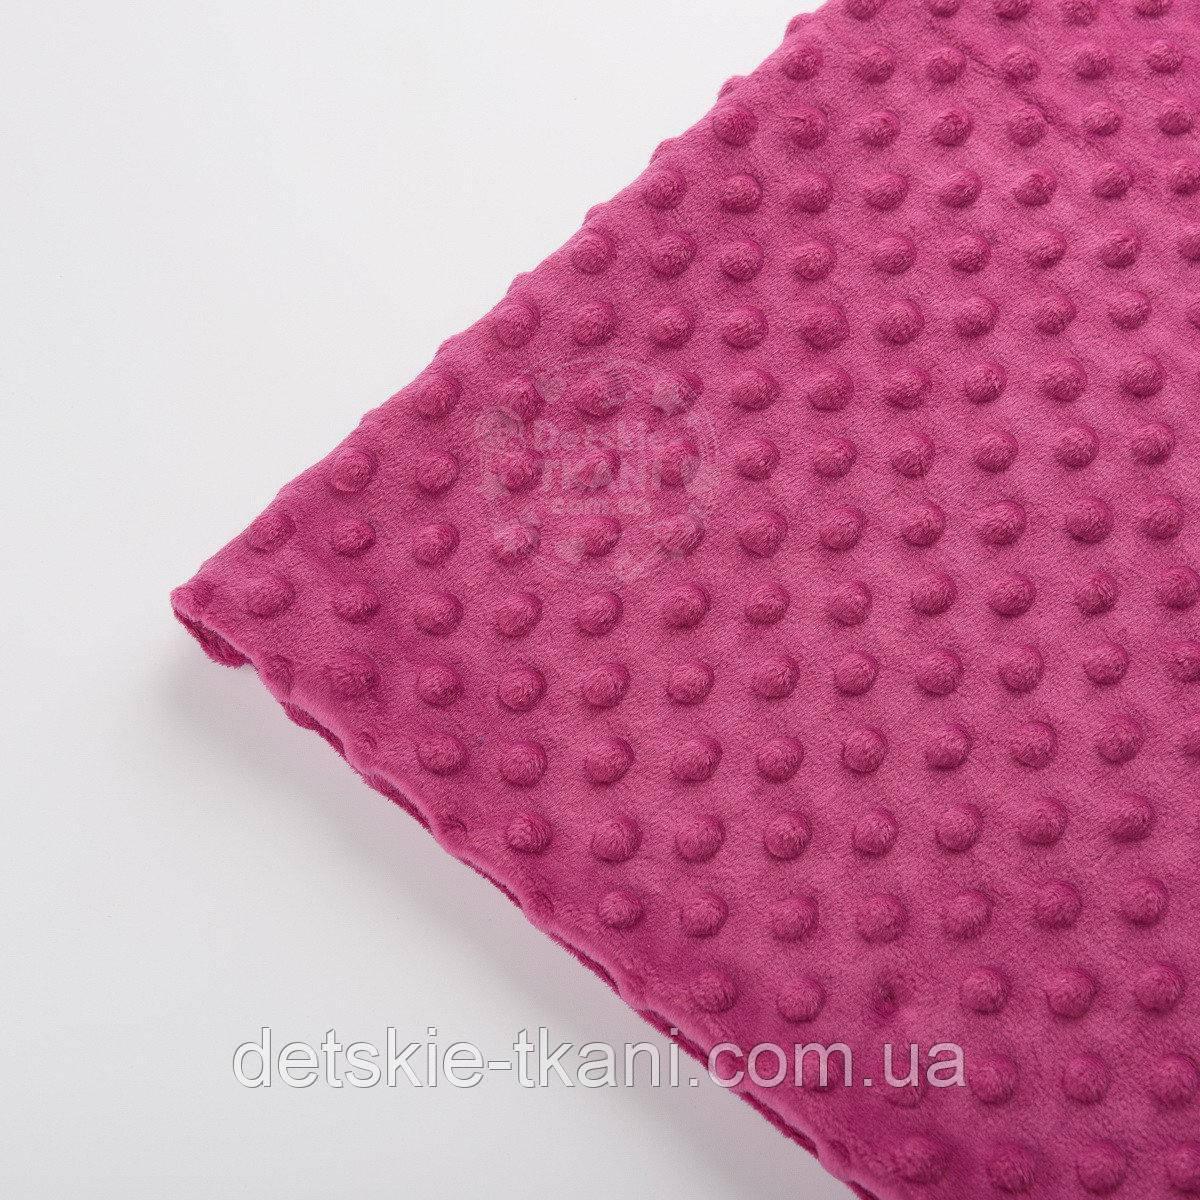 Лоскут плюша minky М-18 размером 45*160 см розово-сиреневого цвета